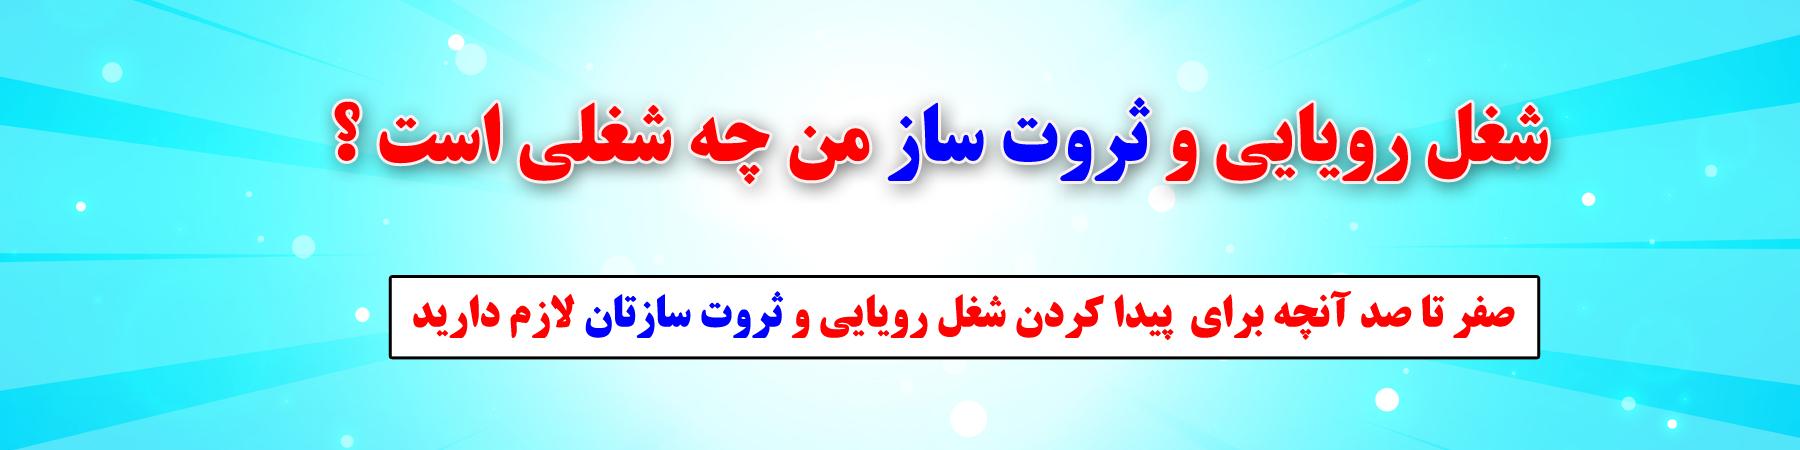 شغل رویایی و ثروت ساز من - محمد بهرامی